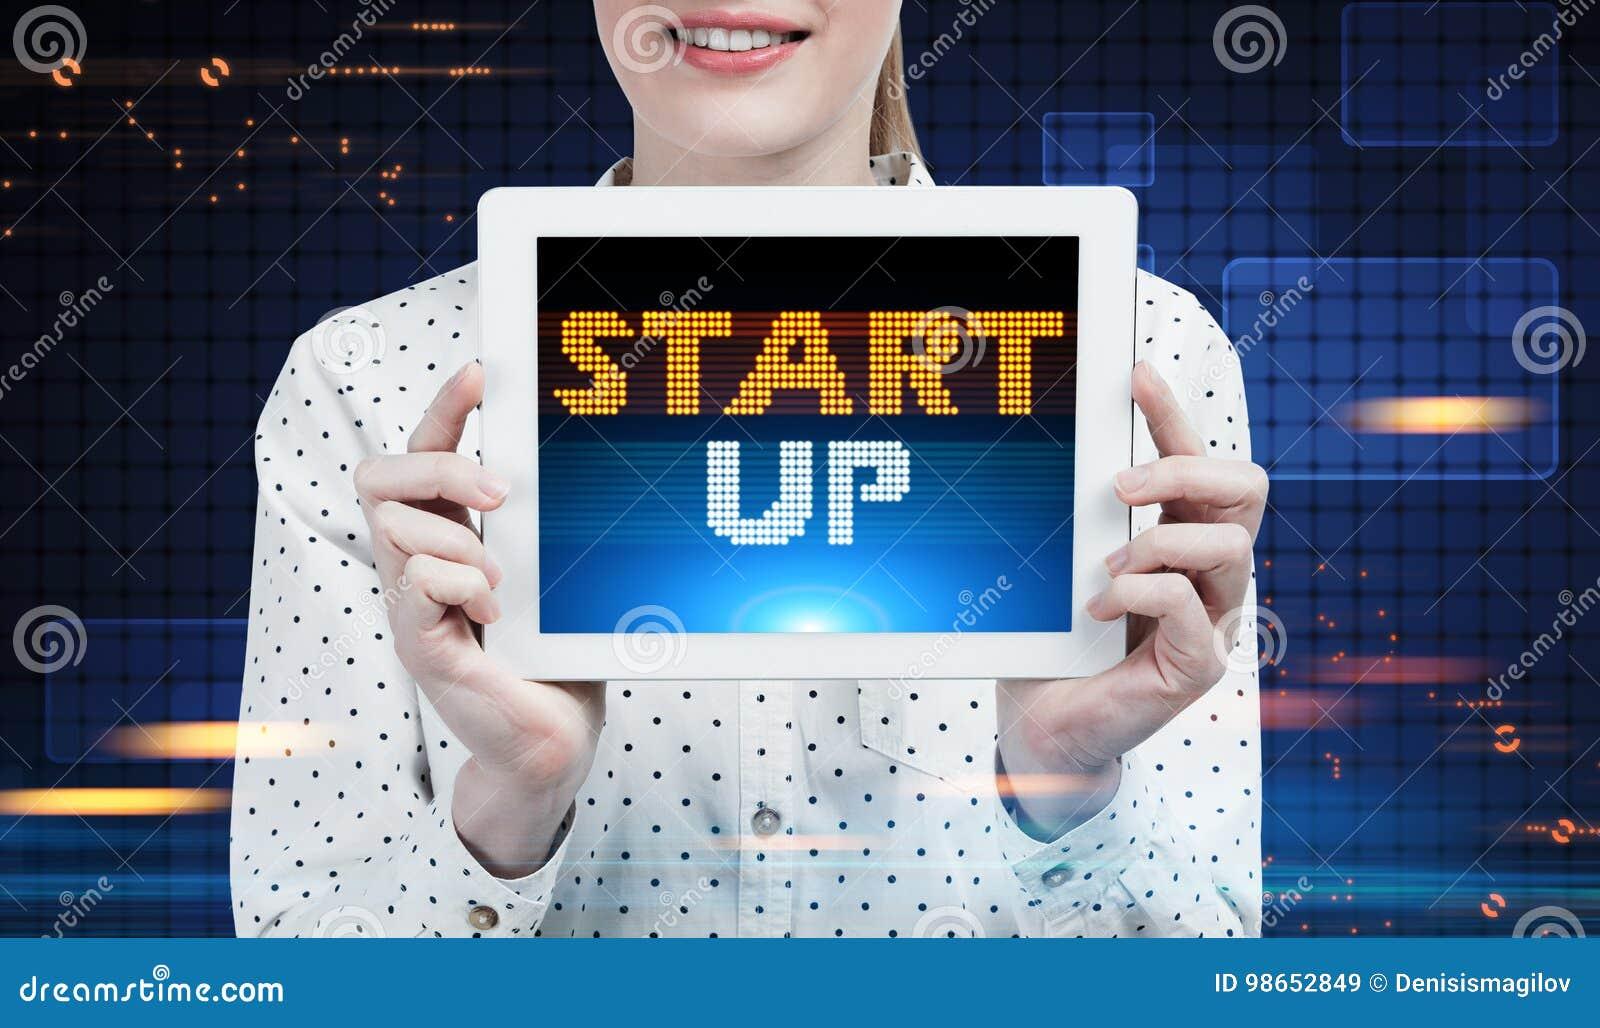 Επιχειρηματίας με μια ταμπλέτα, ξεκίνημα, μέλλον